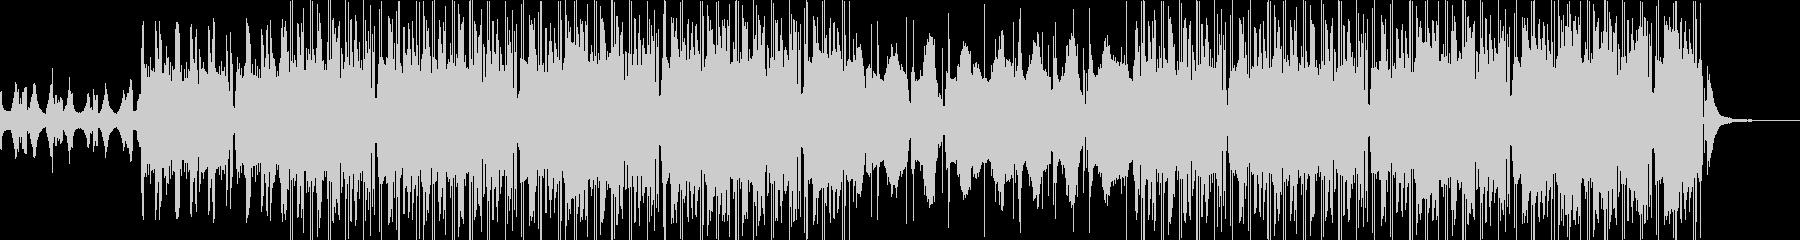 bpm116- 優しく穏やかなチルアウトの未再生の波形